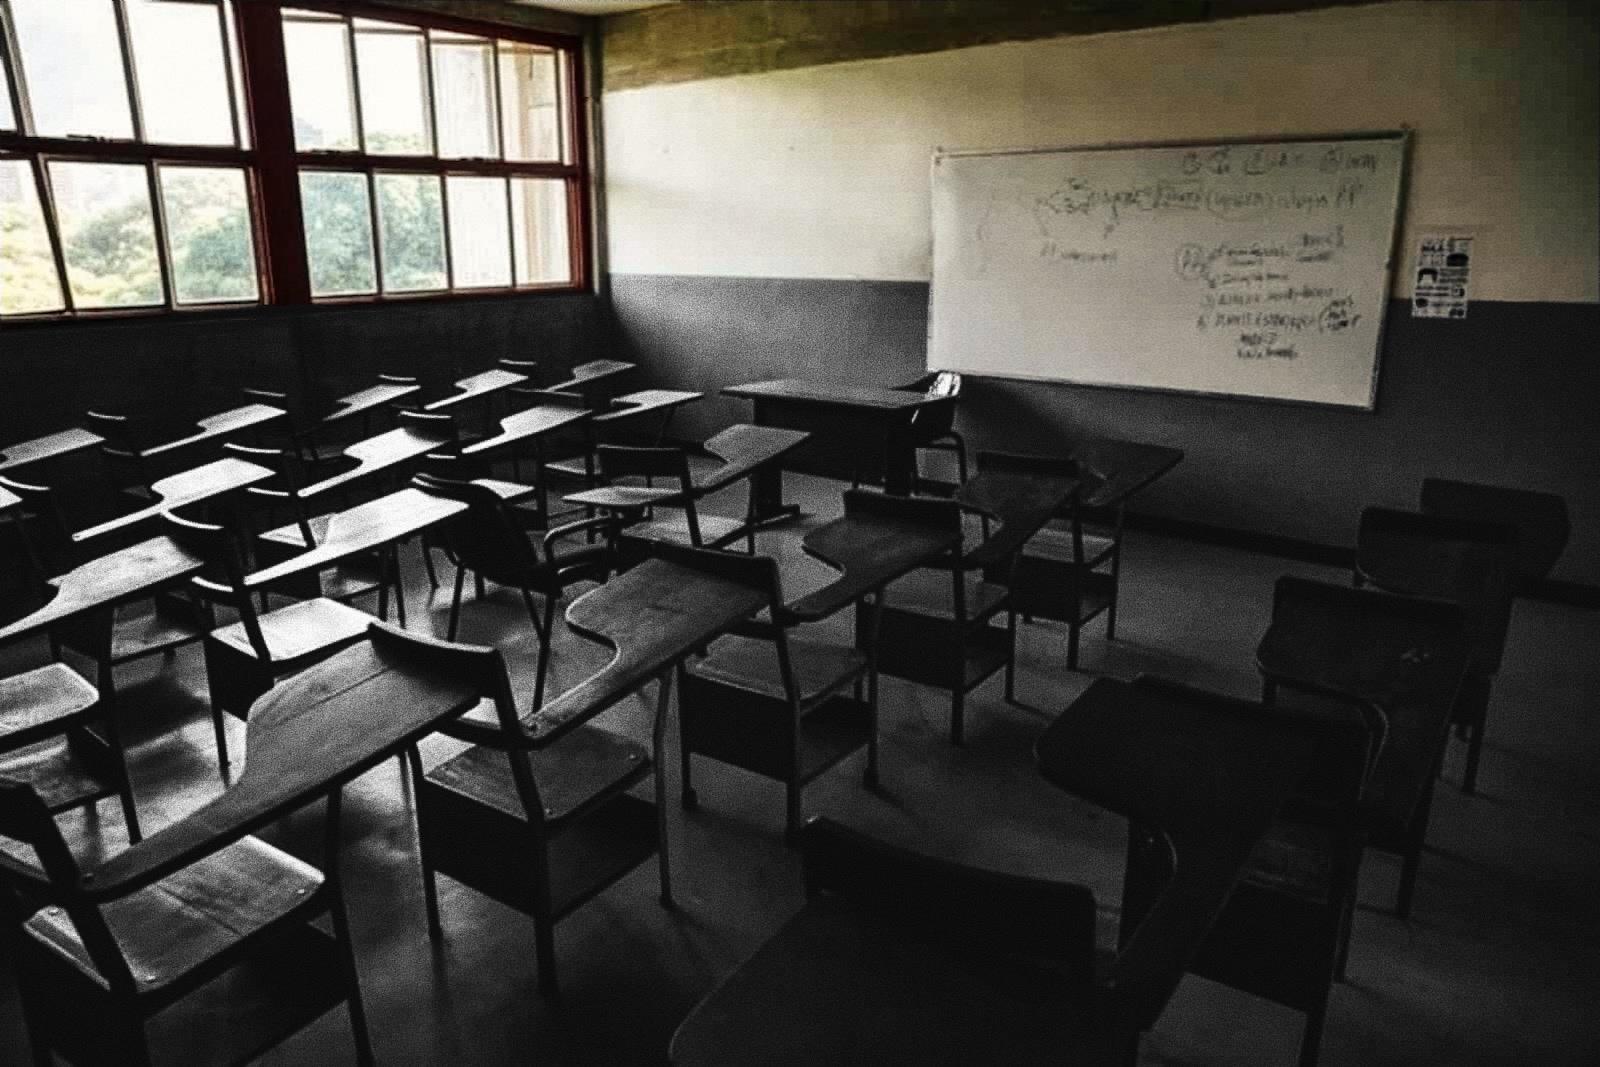 Why Schools Haven't Reopened in Venezuela